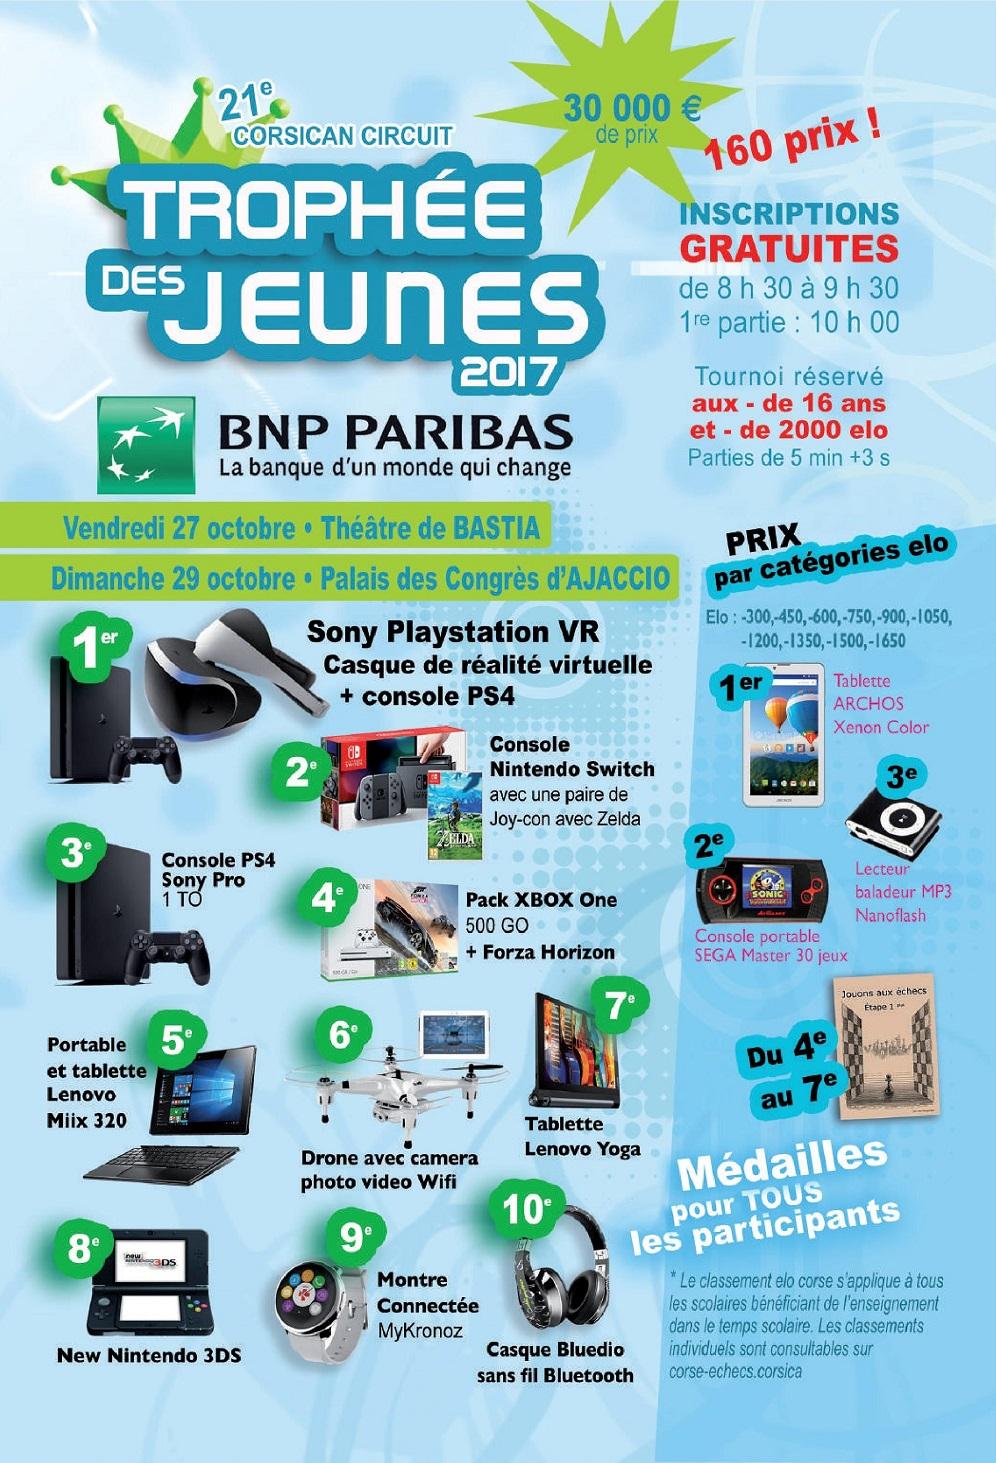 TROPHEES DES JEUNES BNP PARIBAS